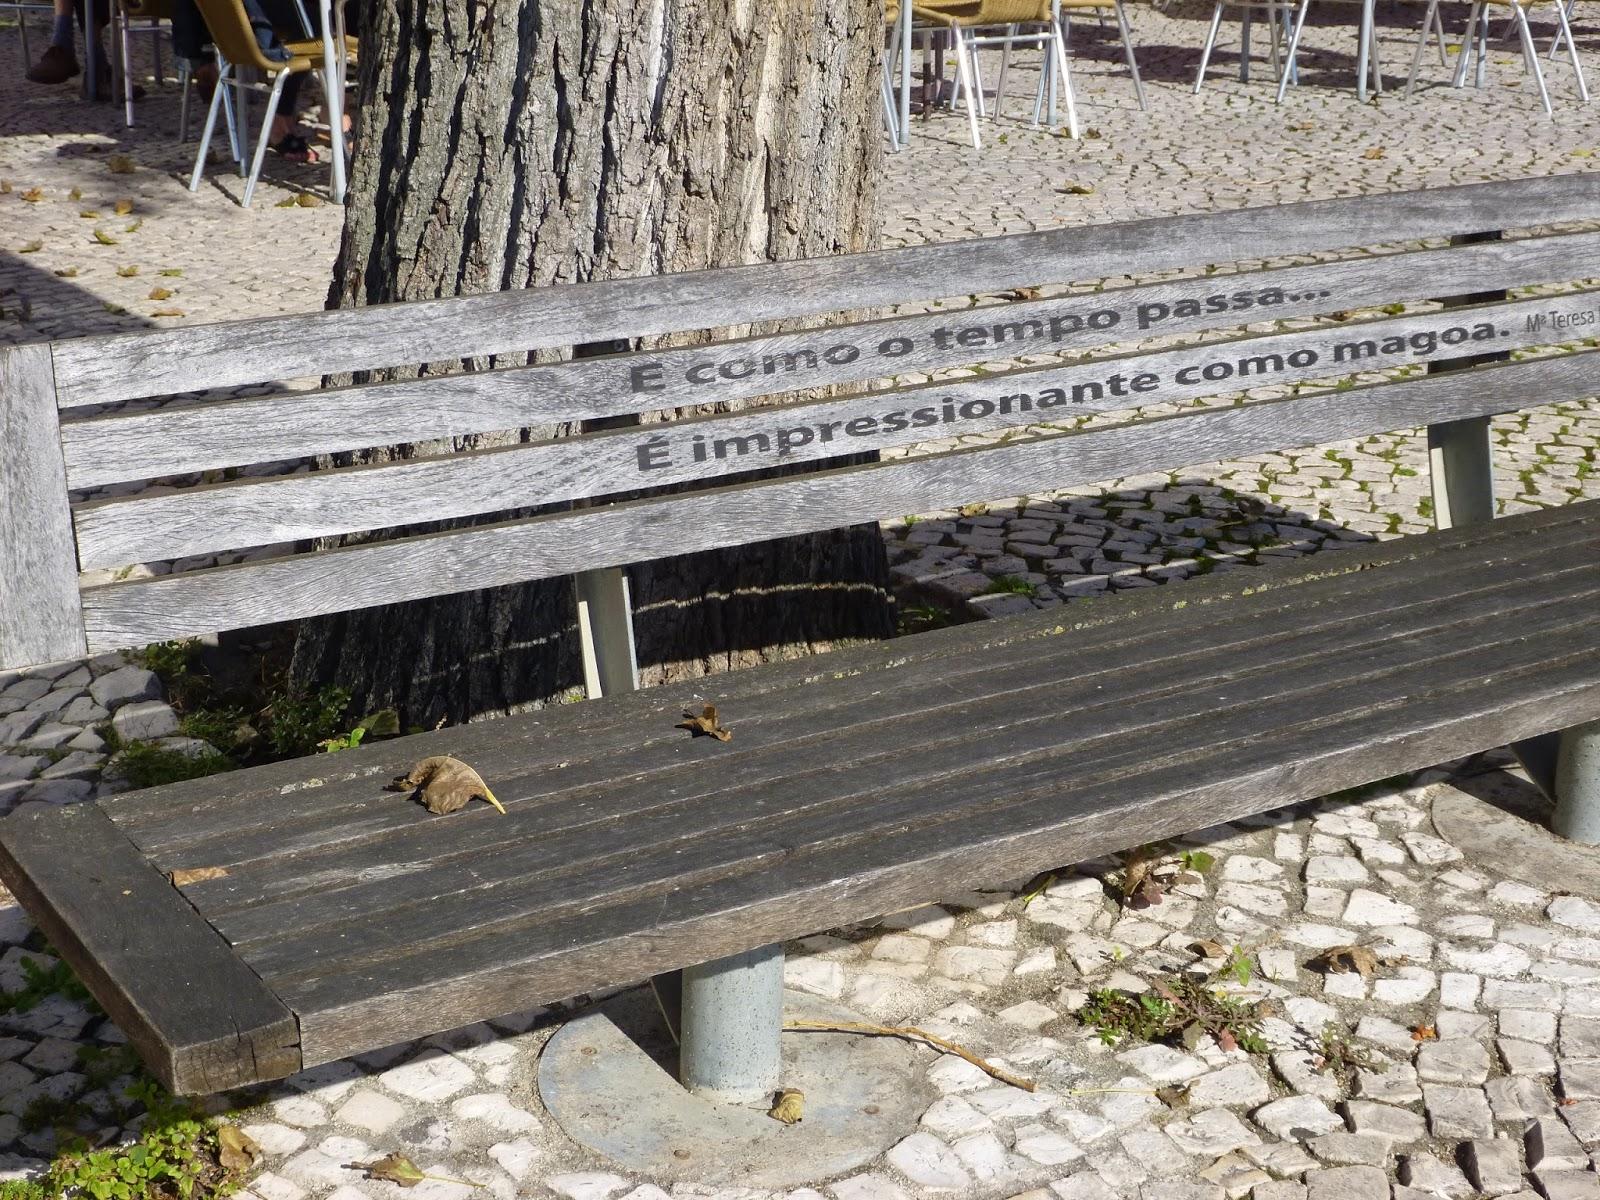 banco de jardim poesia:pela positiva: Figueira da Foz: Poesia na cidade